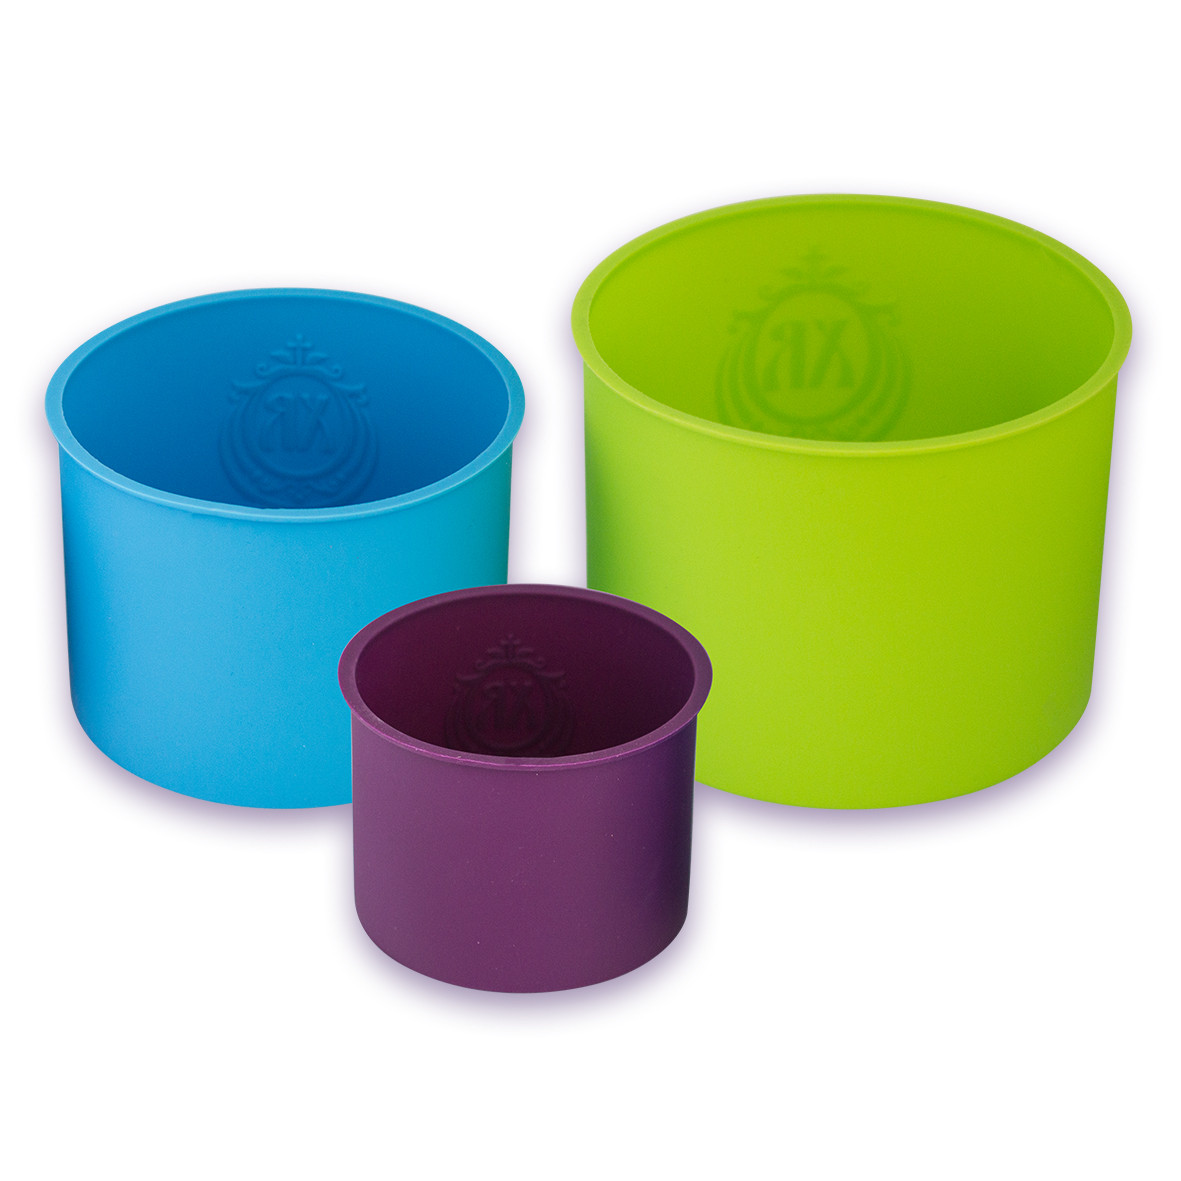 Набор форм Kamille 3 предмета силиконовых для куличей